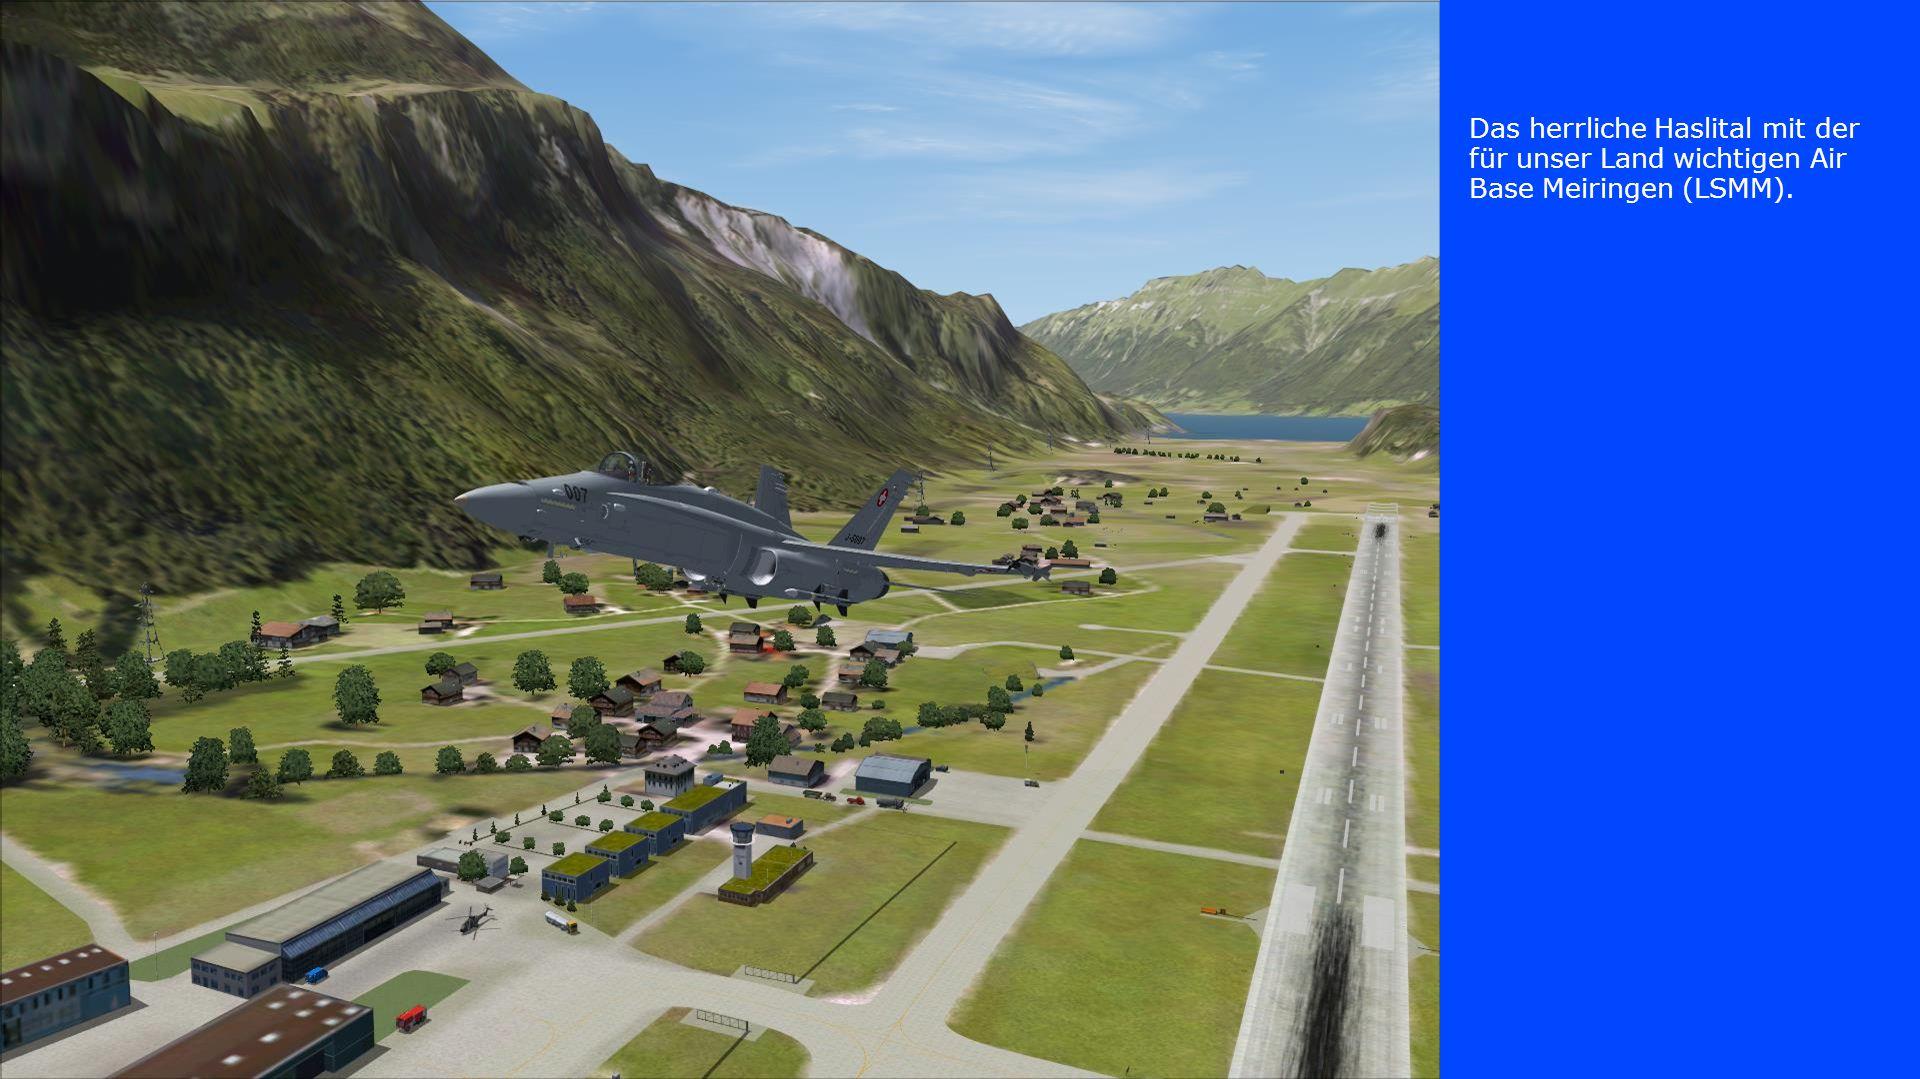 Das herrliche Haslital mit der für unser Land wichtigen Air Base Meiringen (LSMM).